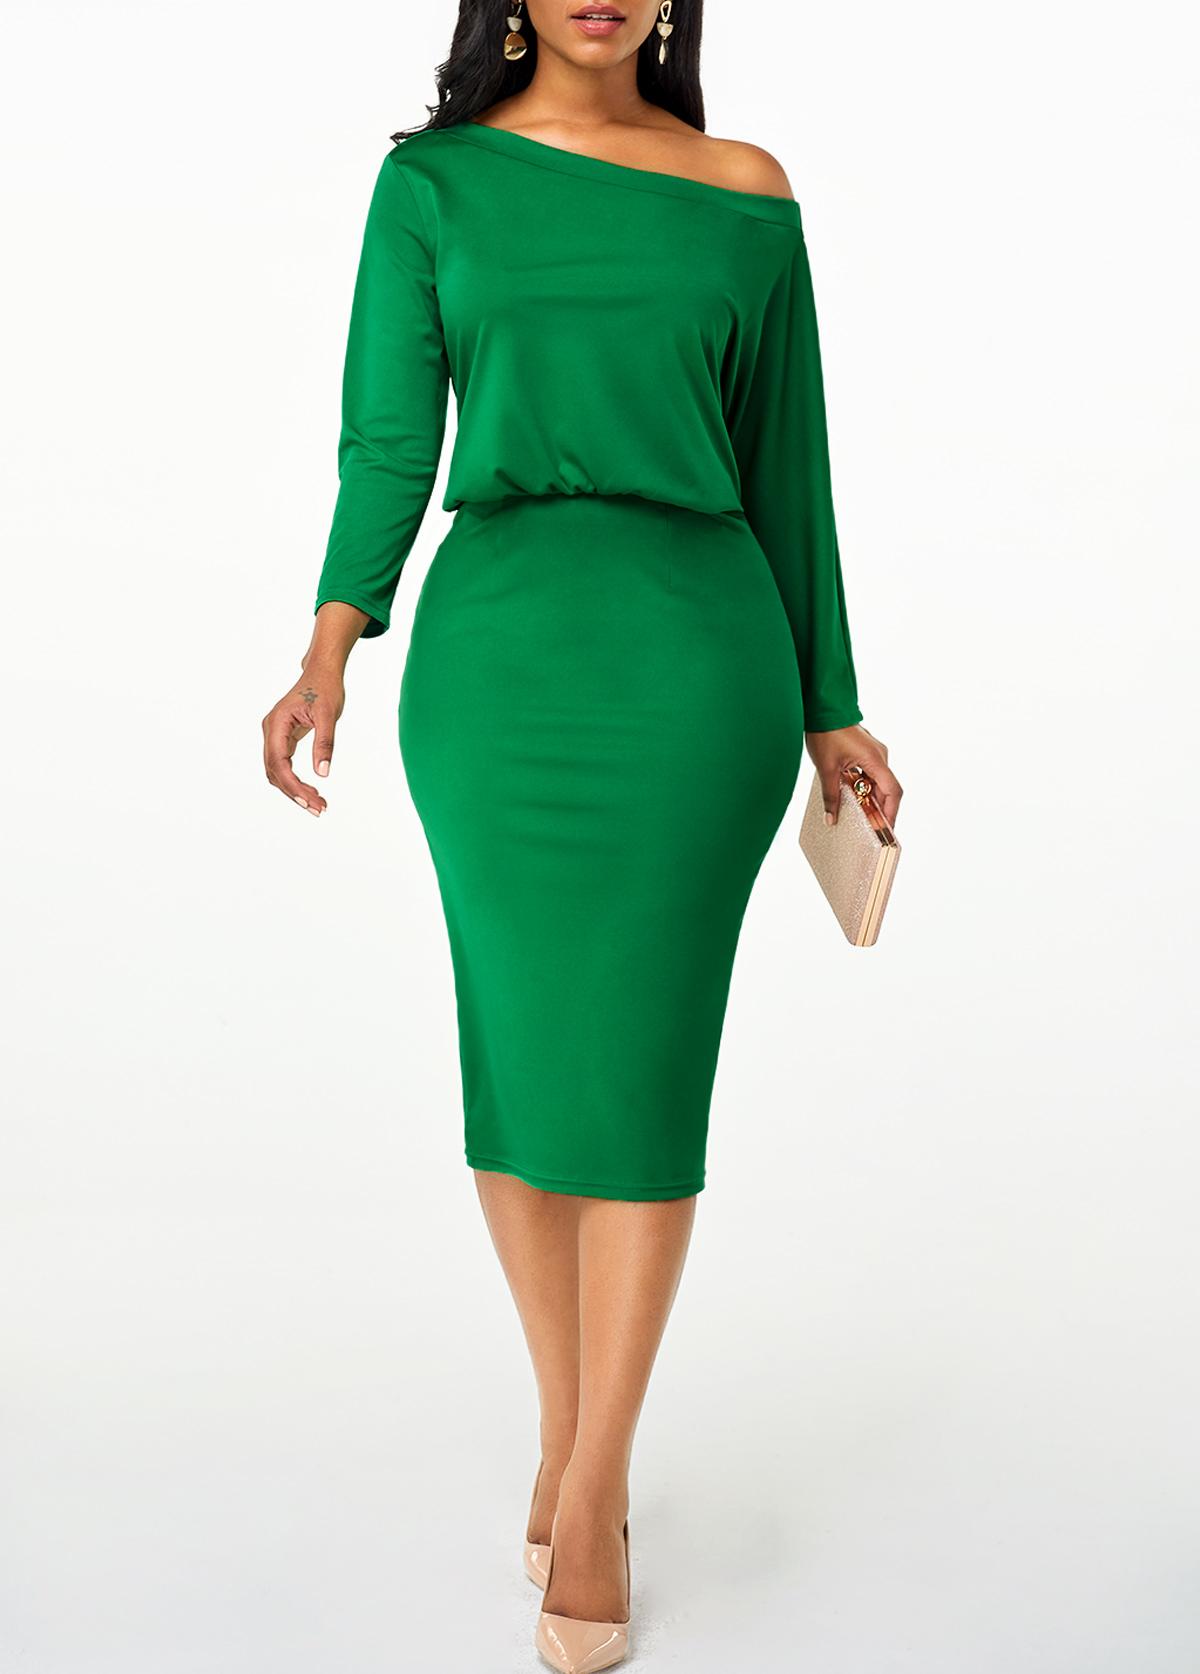 Skew Neck High Waist Green Dress